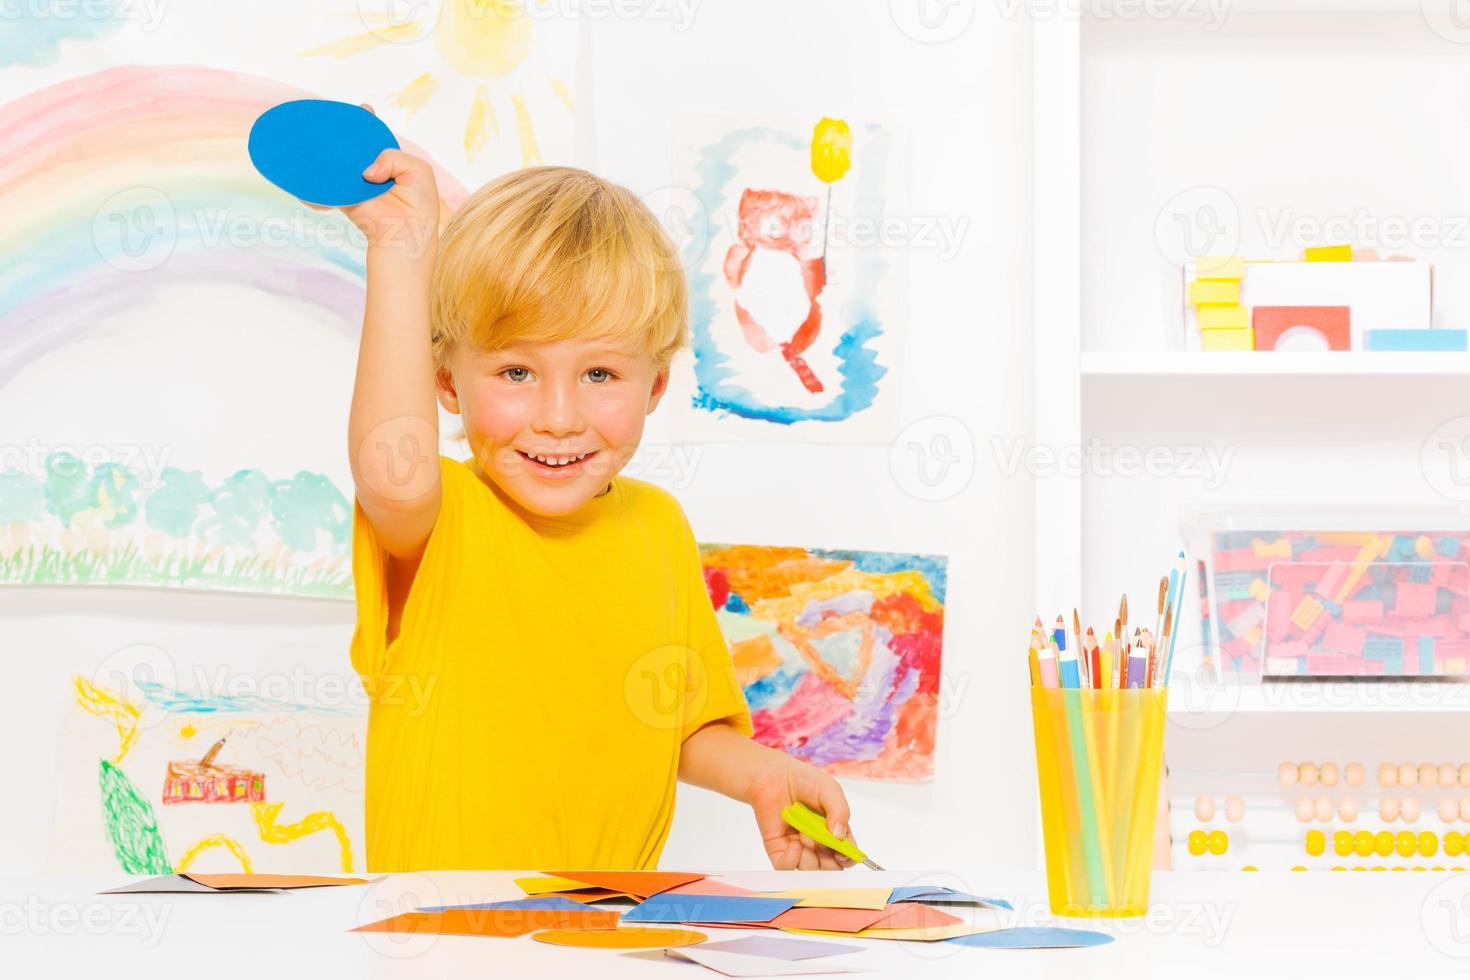 menino com cabelo loiro e círculo de papelão foto